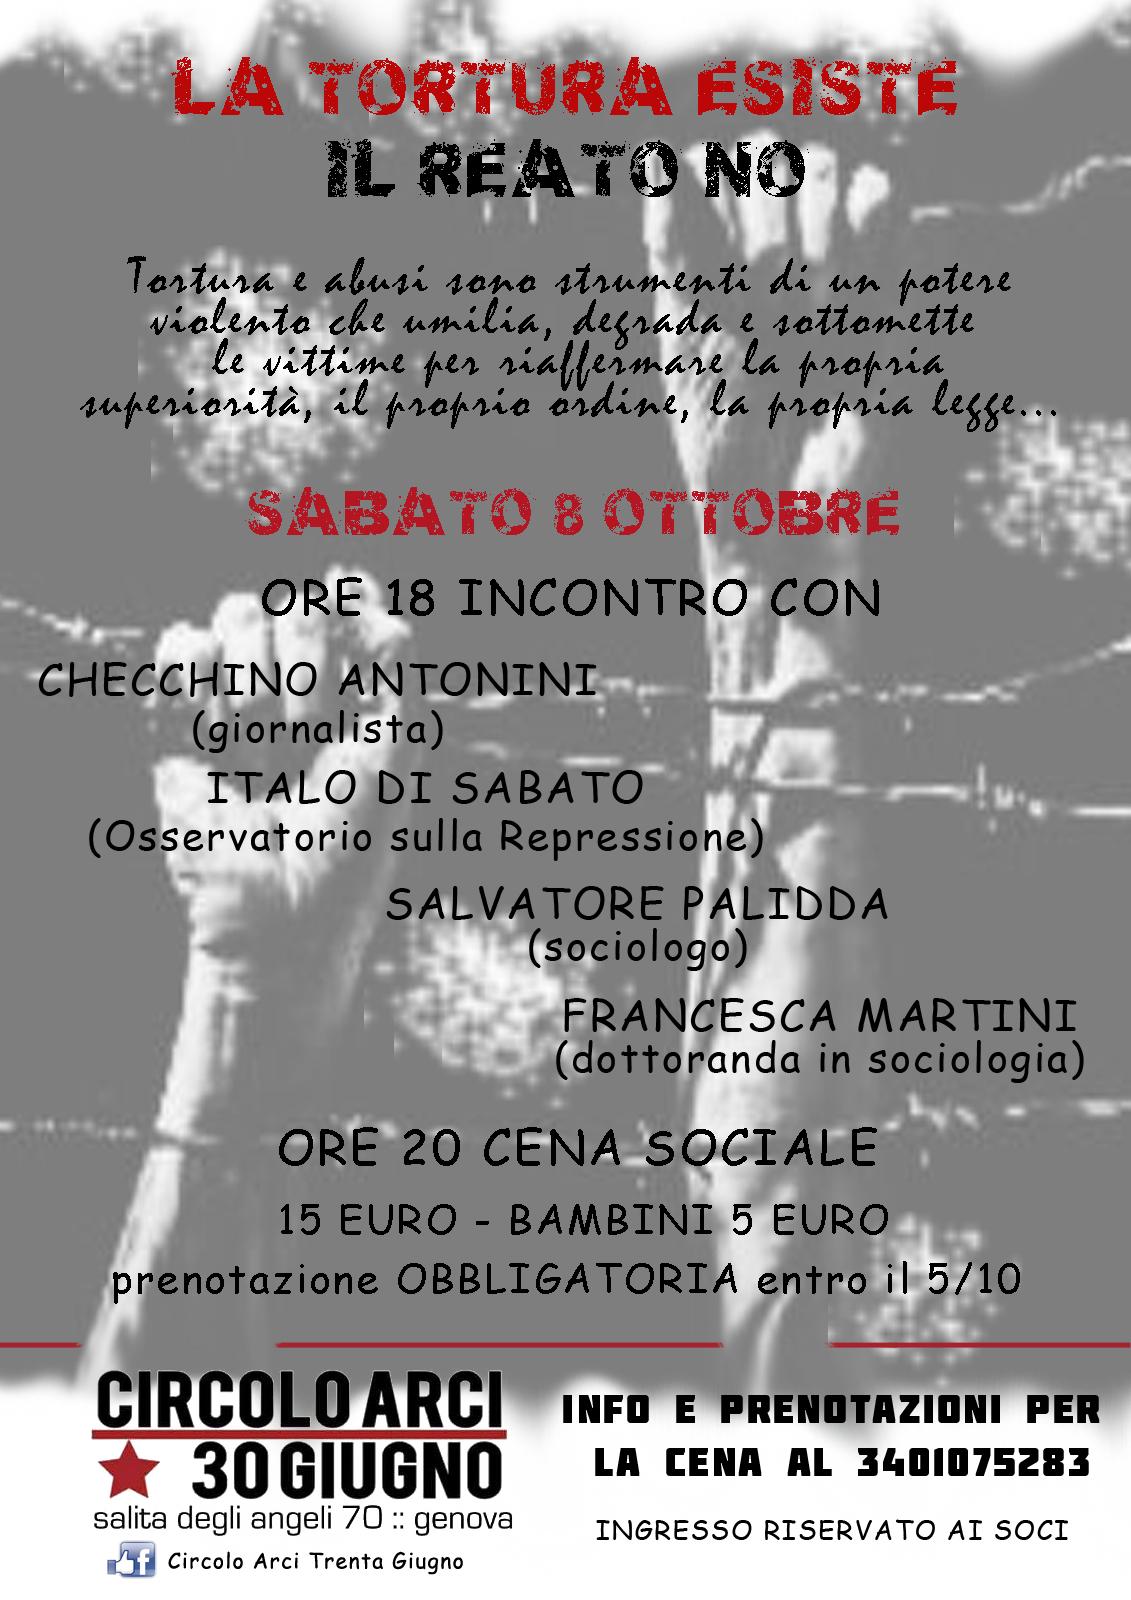 reato-tortura-genova-8-ottobre-2016